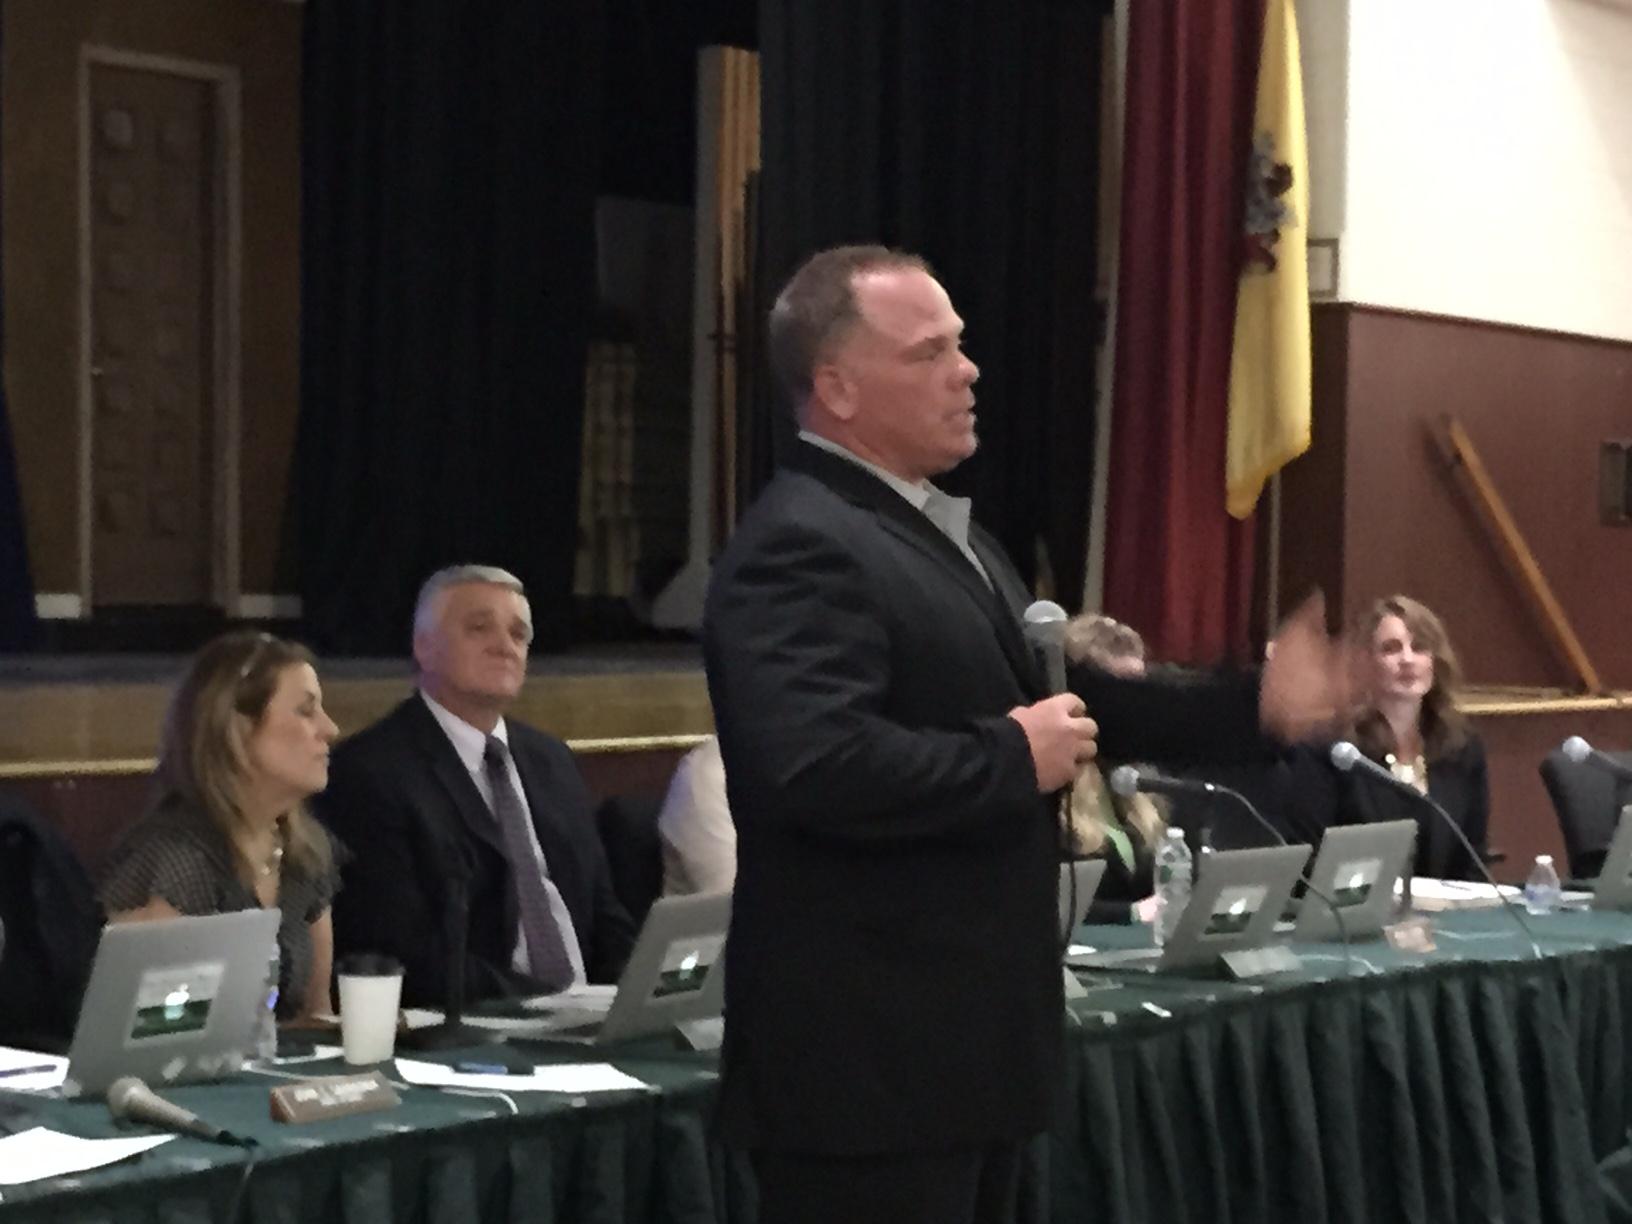 Len Zdanowicz speaks at a Board of Education meeting, April 30, 2015. (Photo: Daniel Nee)